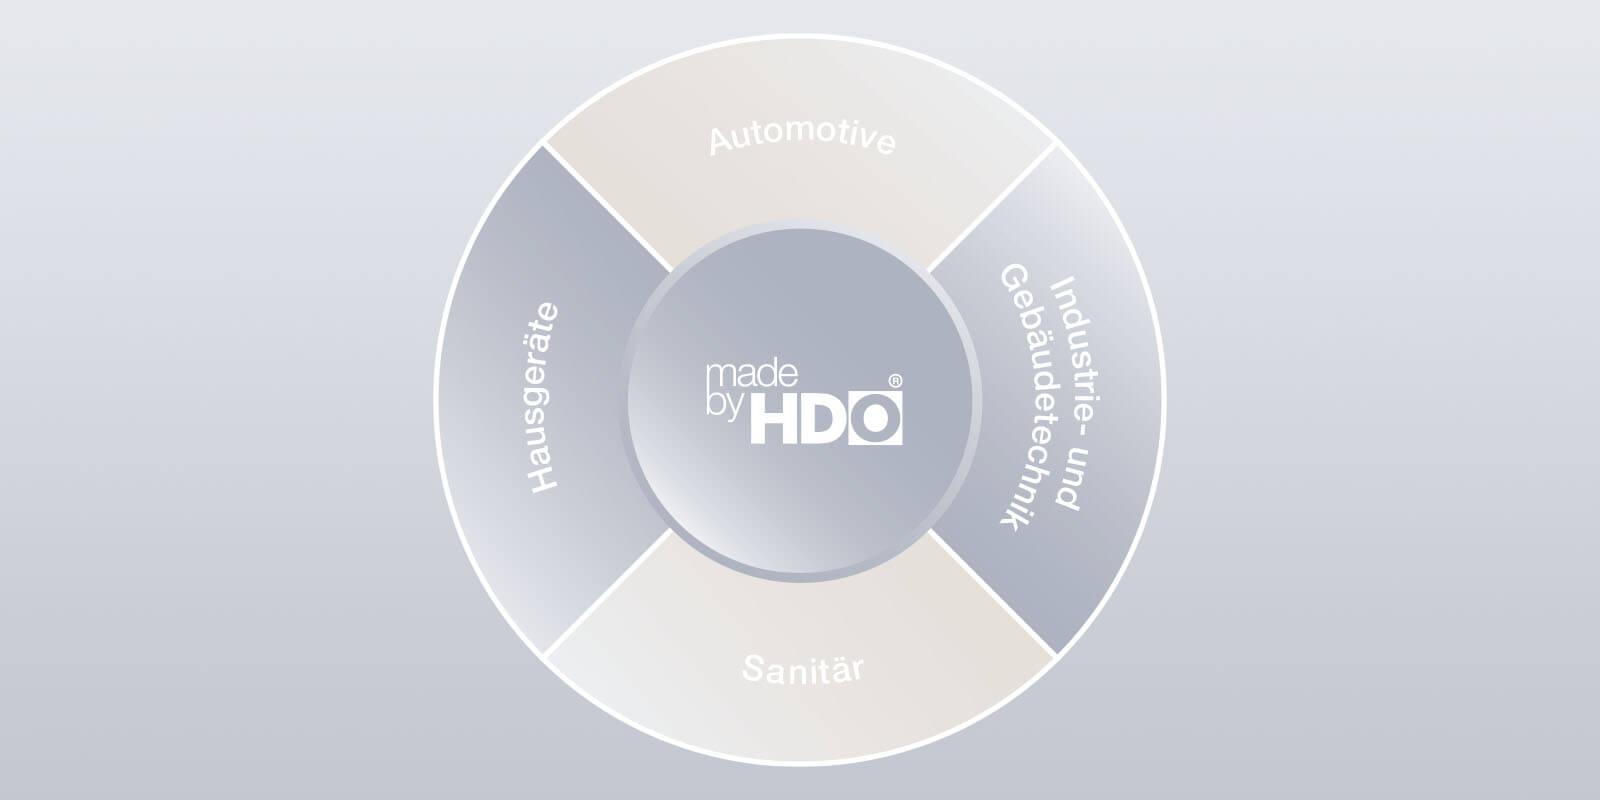 https://hdo-gmbh.com/wp-content/uploads/HDO_images_1600x800_0058_kunden2.jpg